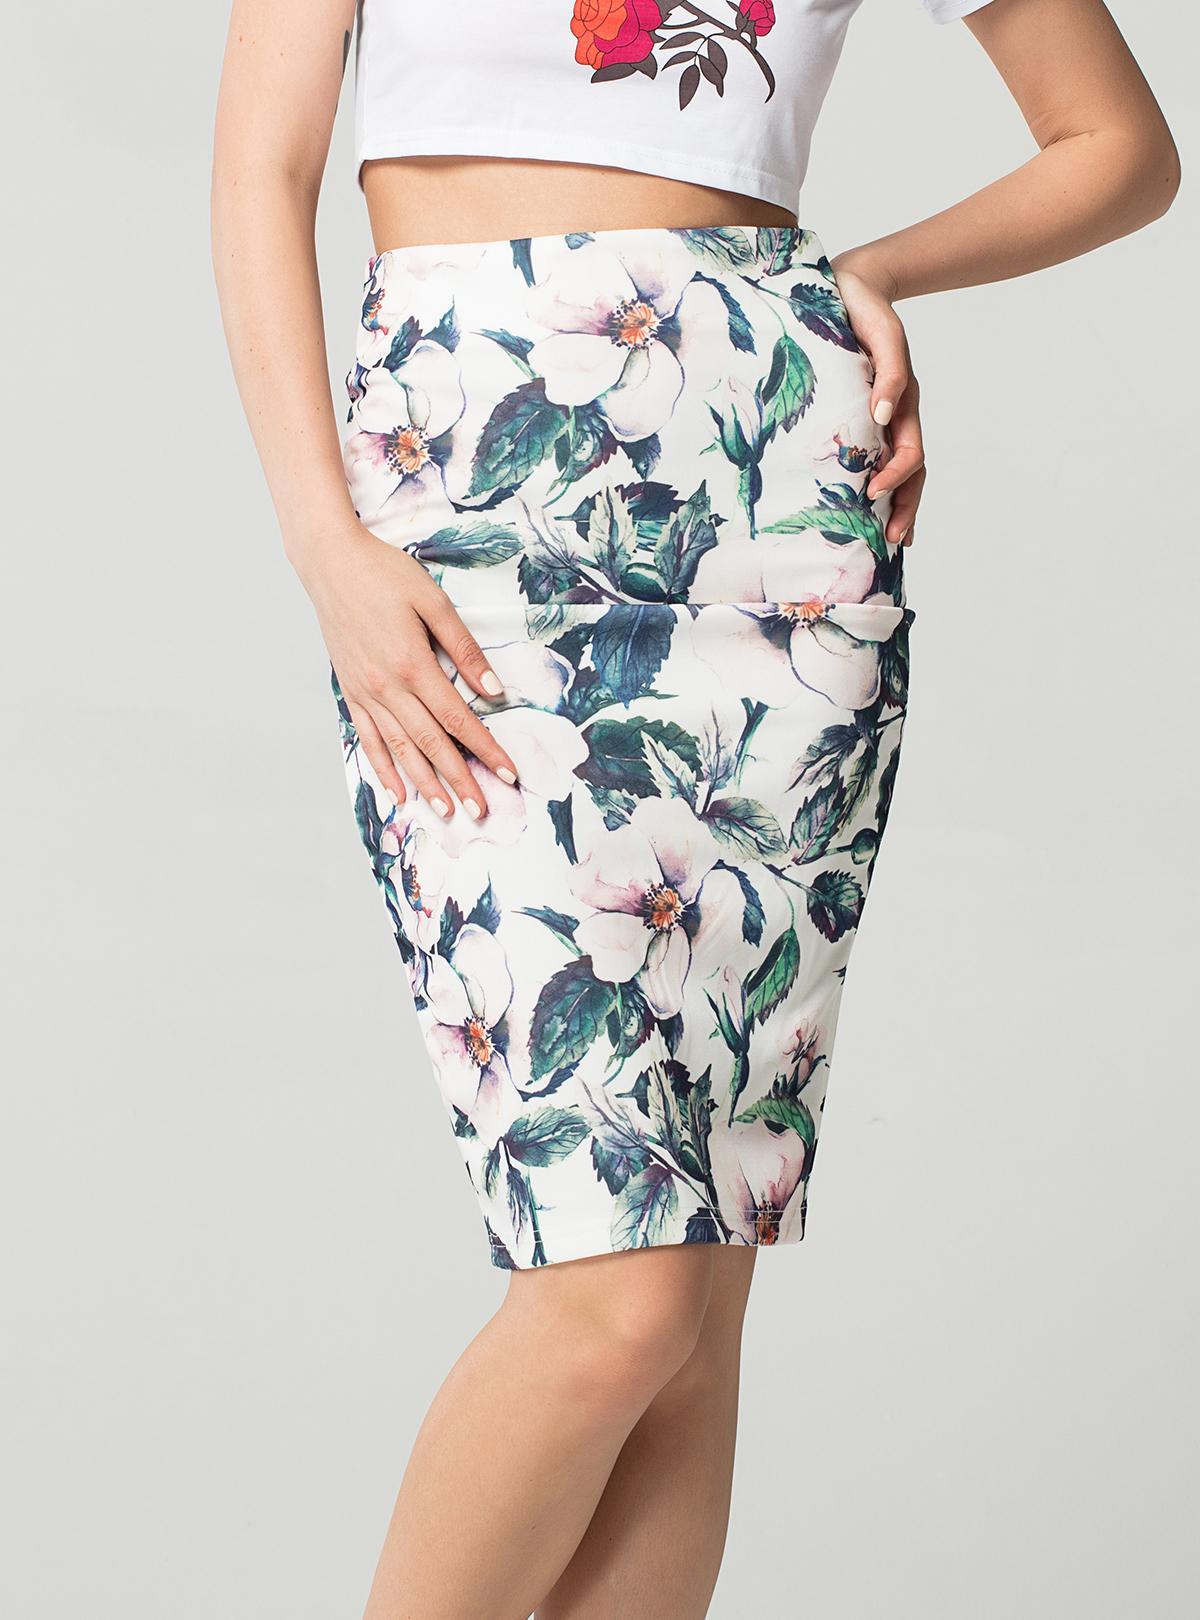 46e024c79 Moda Primavera Verano Estilo Falda Lápiz de Las Mujeres de Cintura Alta  Faldas Verdes Vintage Elegante Bodycon Estampado Floral Falda Midi Ficusrong